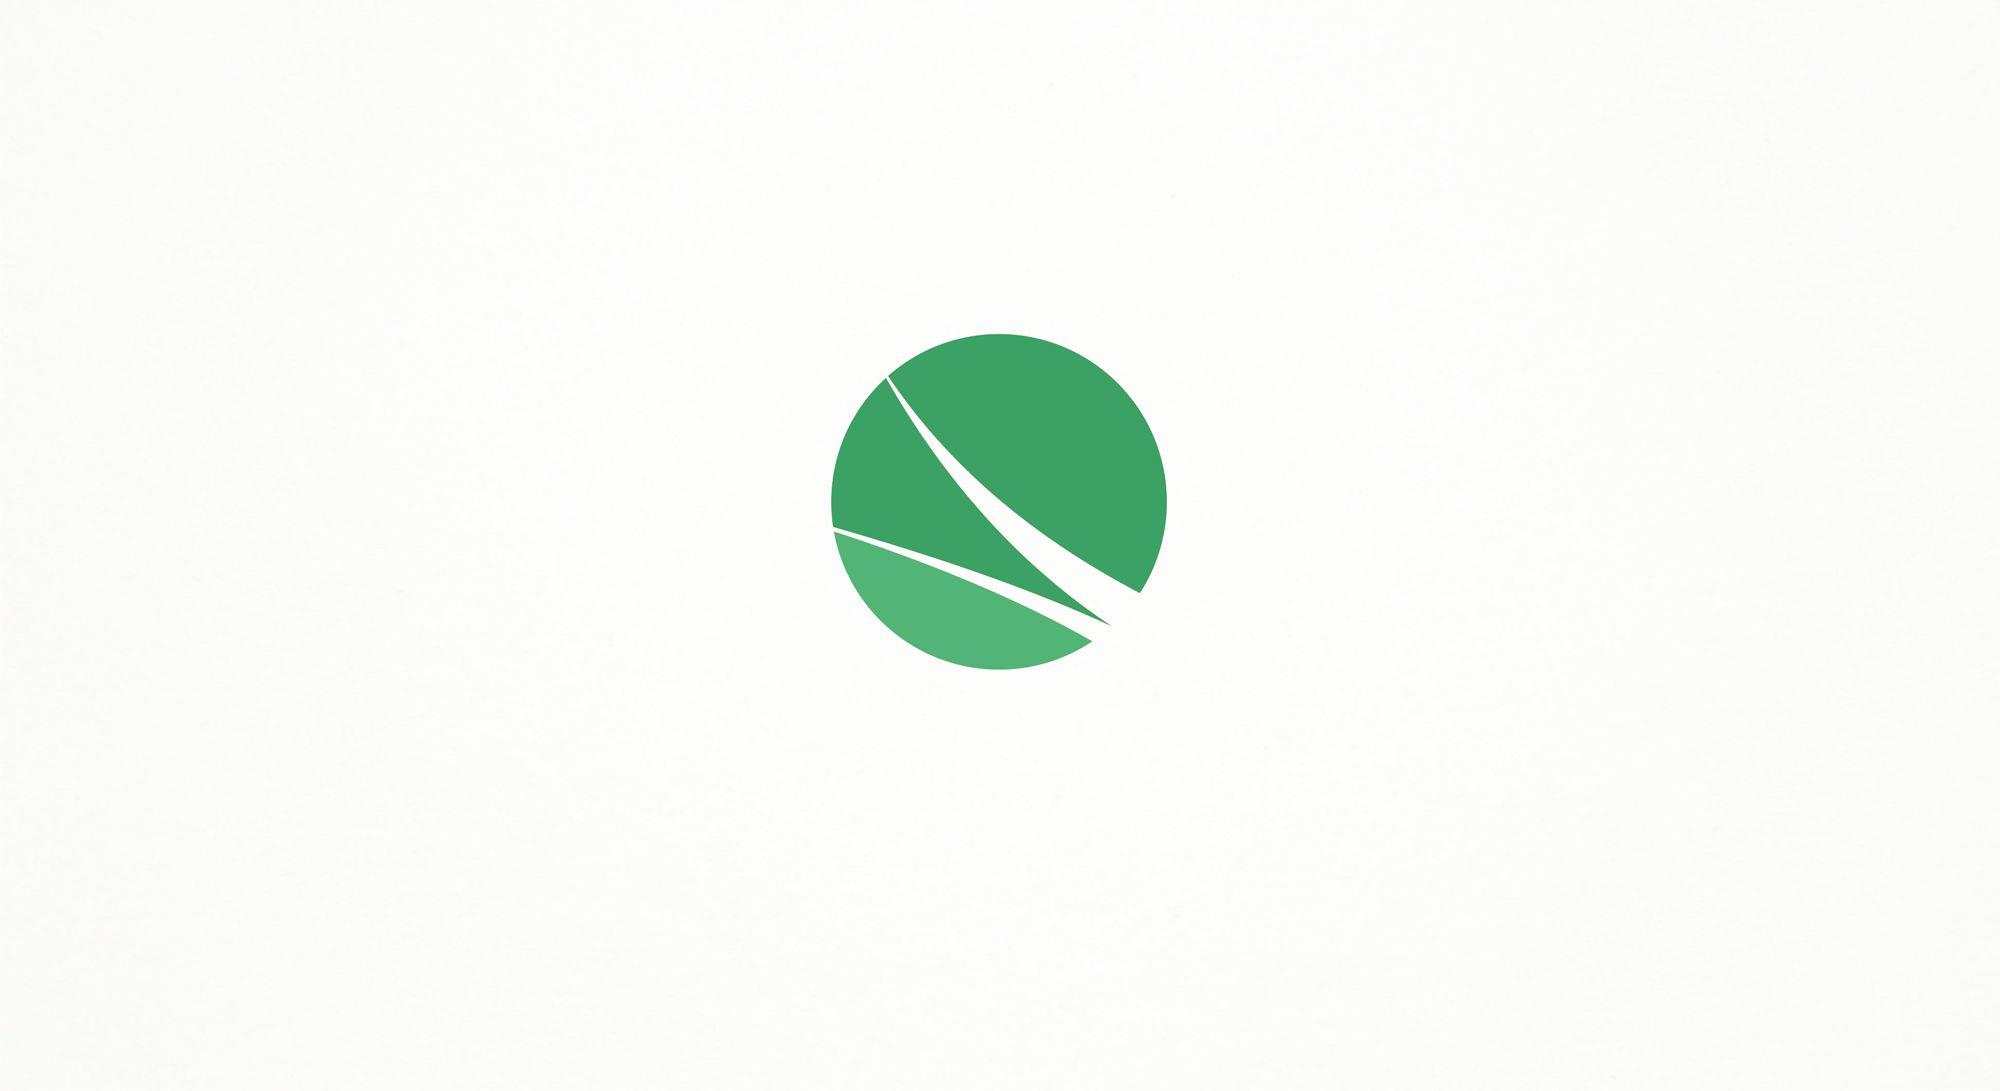 Логотип Финансовой Организации - дизайнер Ewgene